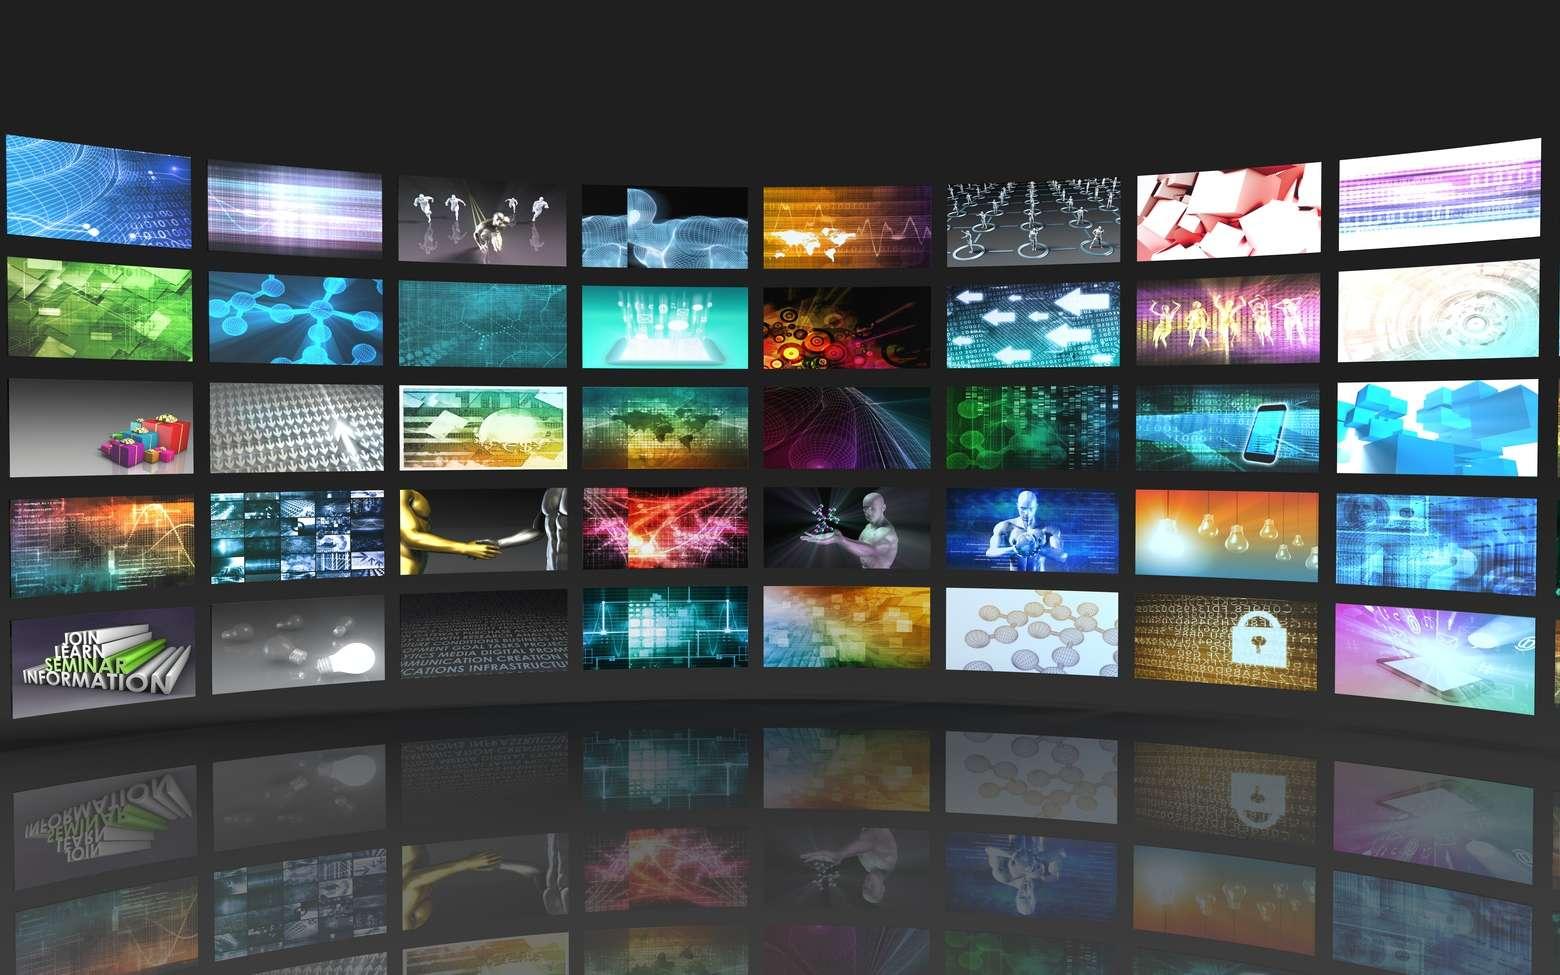 Les technologies d'affichage des écran Amoled et LCD sont les plus répandues. © kentoh, Fotolia